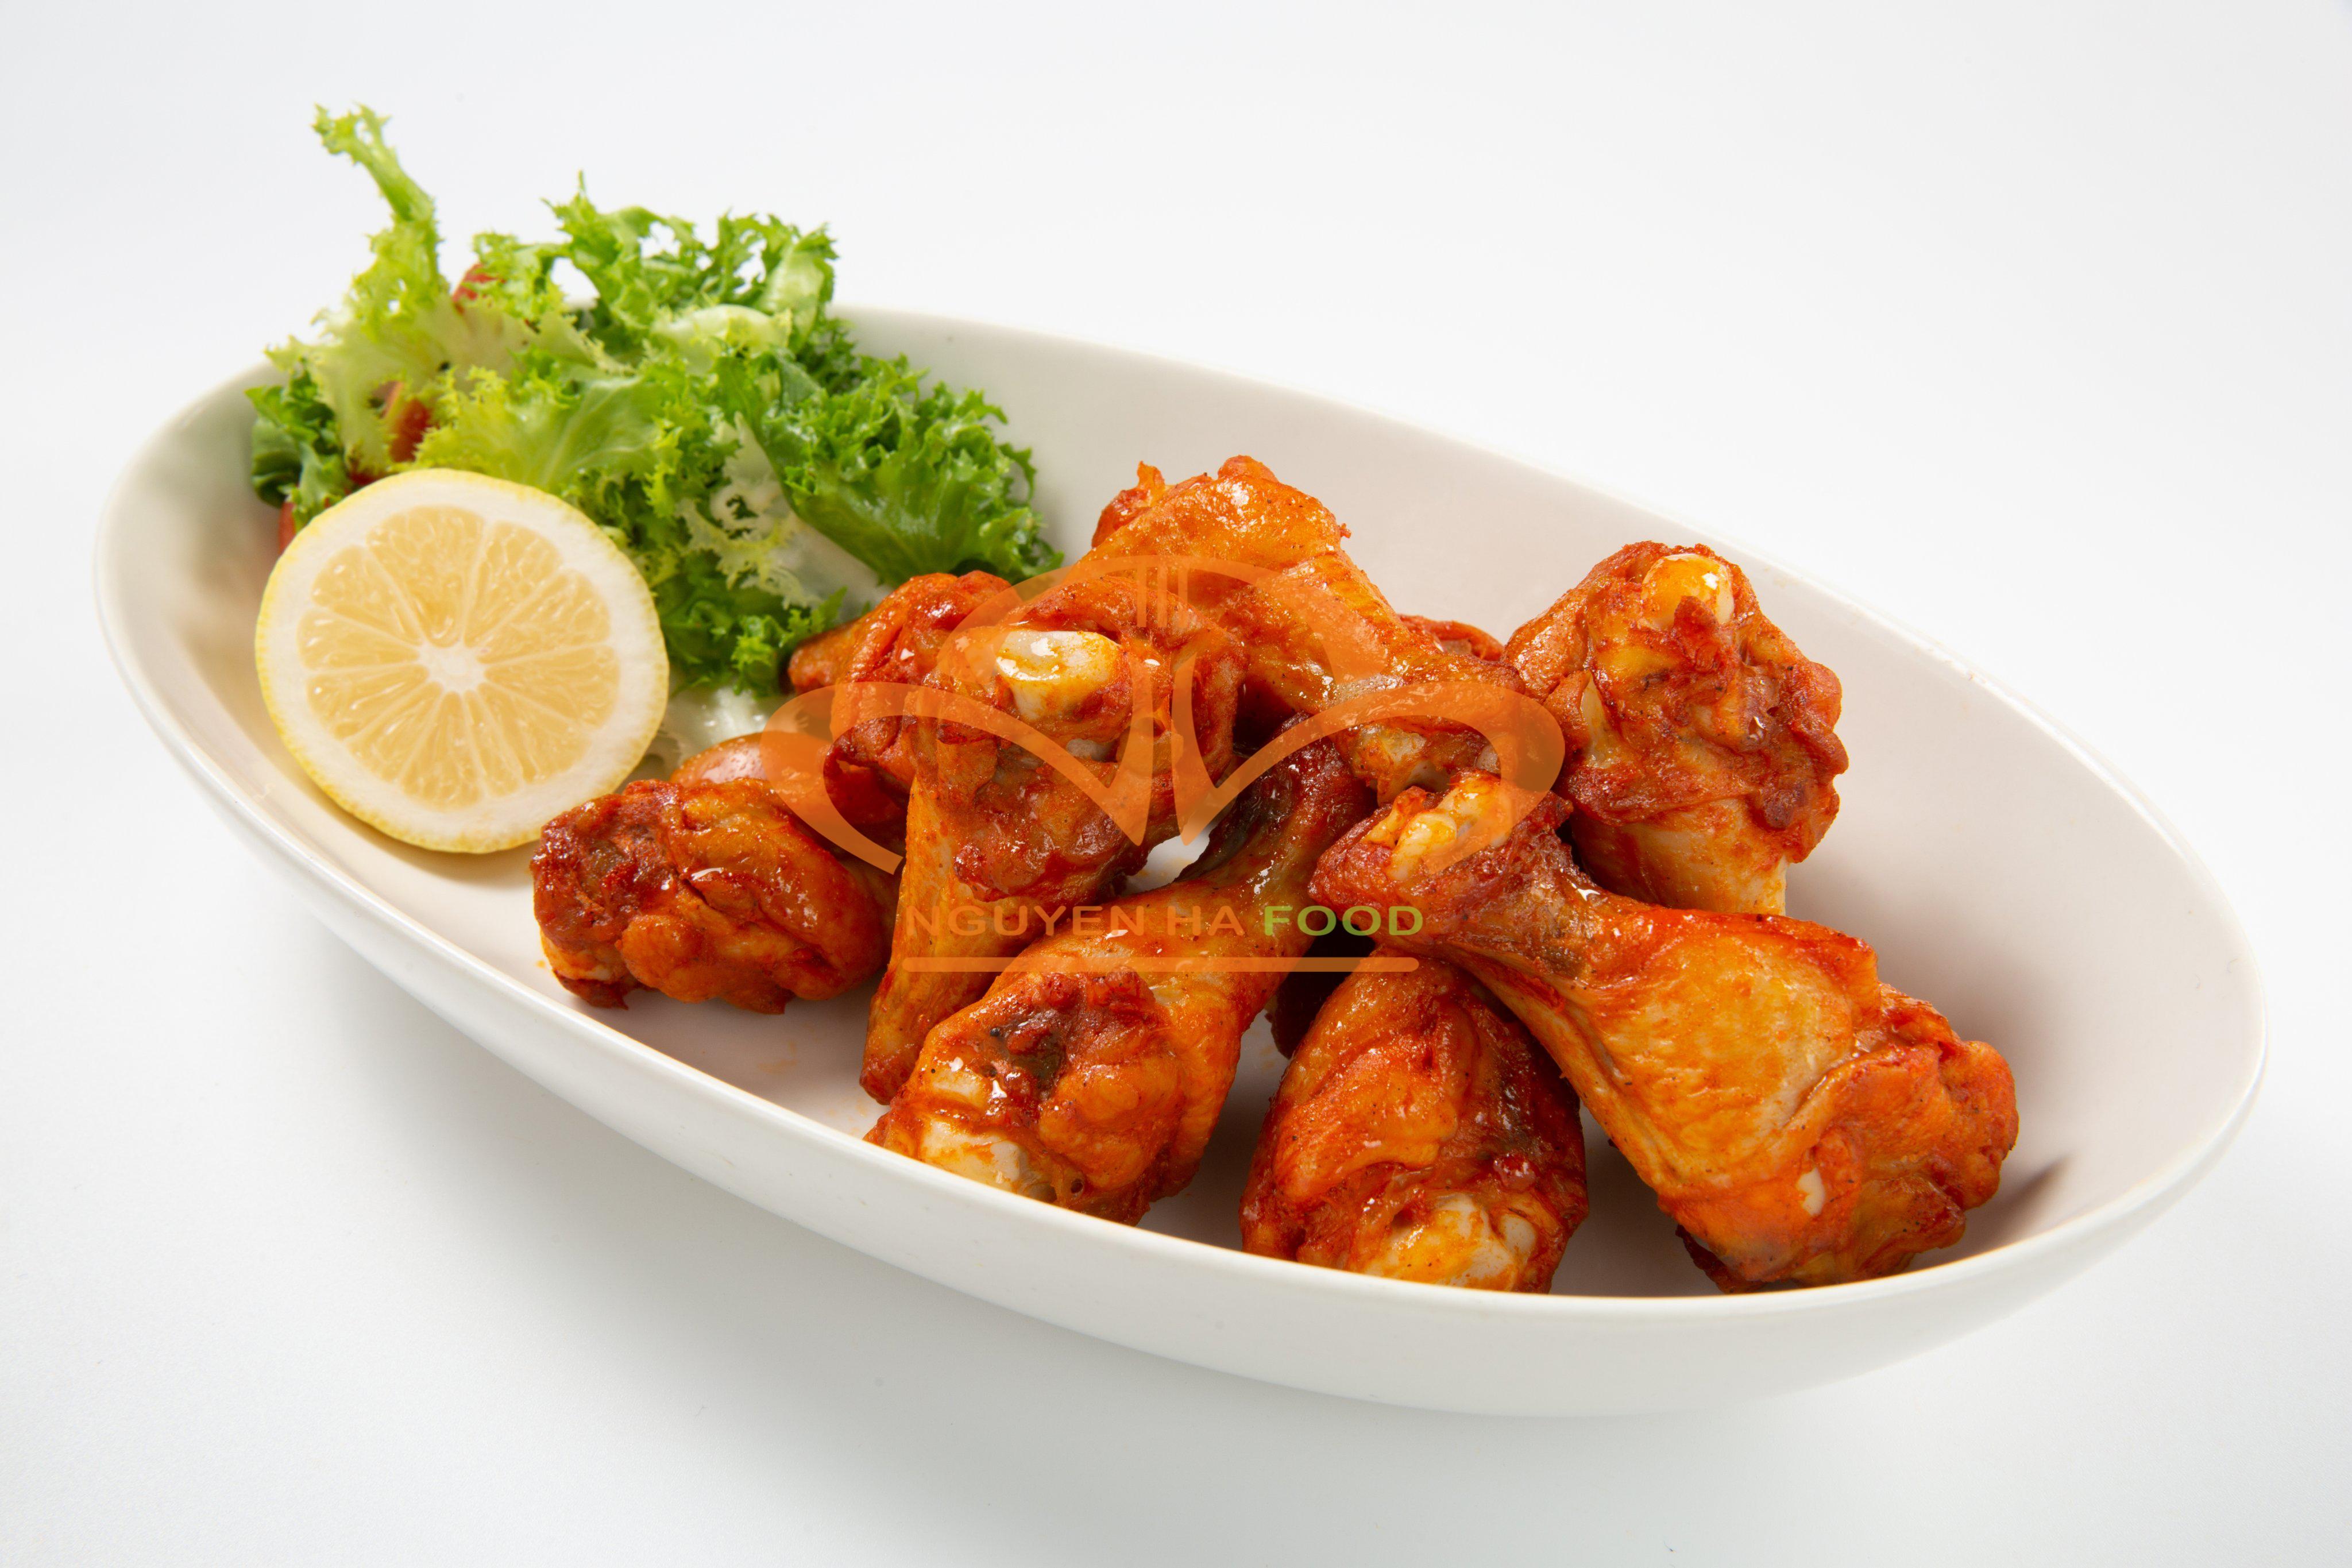 ga-bbq-nguyen-ha-food_4b